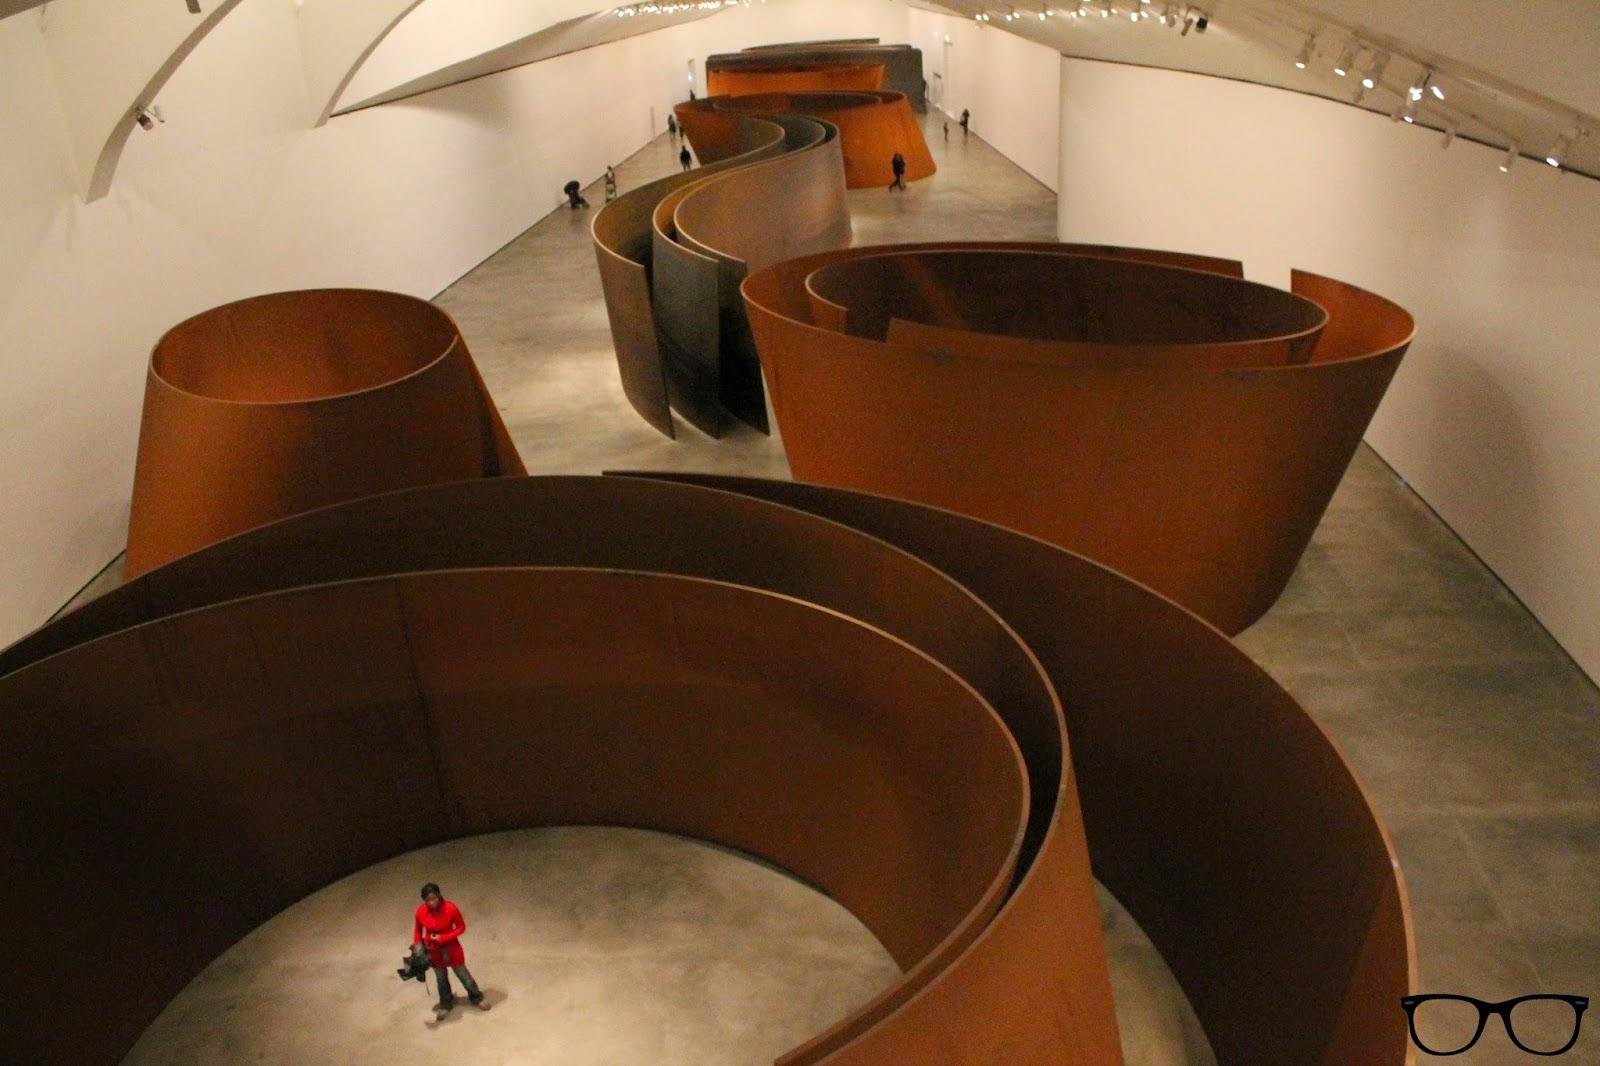 Obra: La materia del tiempo - Richard Serra